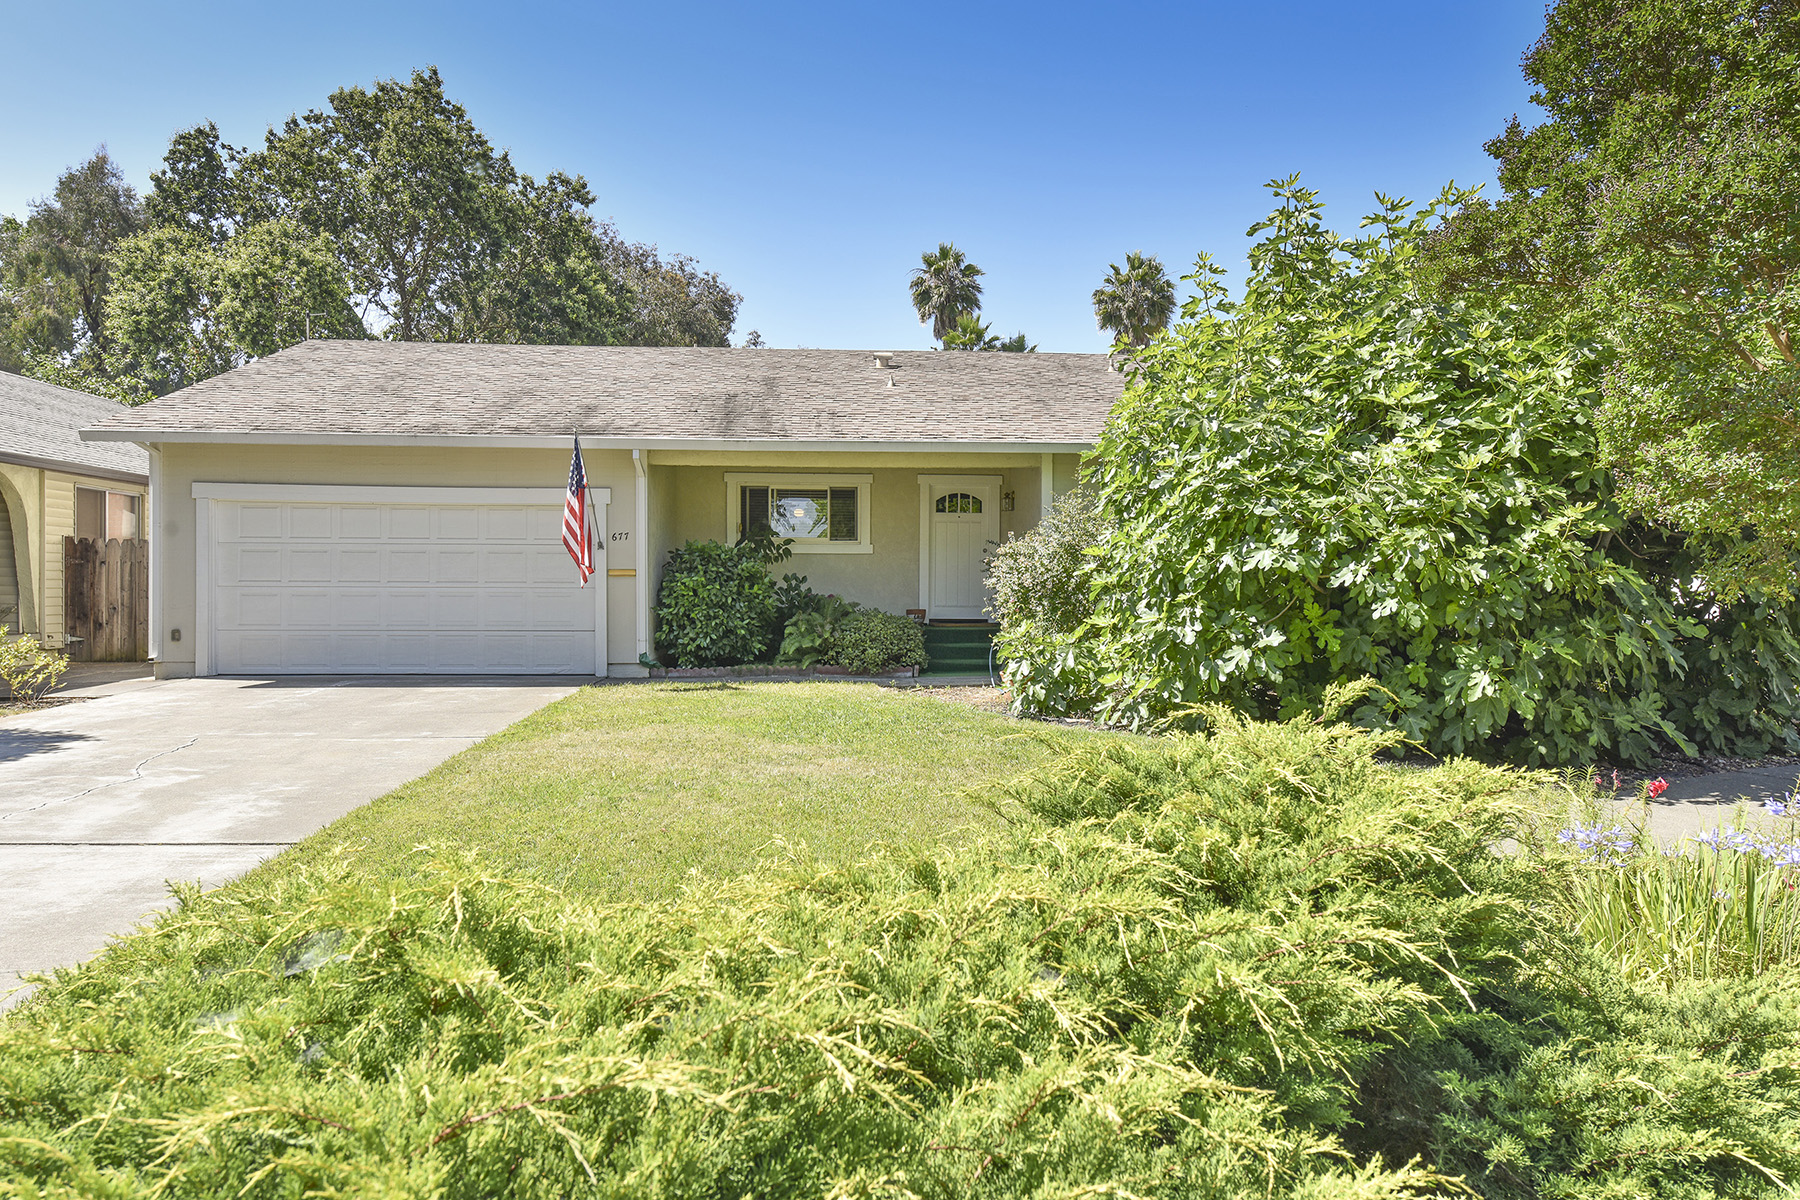 Nhà ở một gia đình vì Bán tại 677 Rio Vista Dr, Napa, CA 94558 677 Rio Vista Dr Napa, California, 94558 Hoa Kỳ